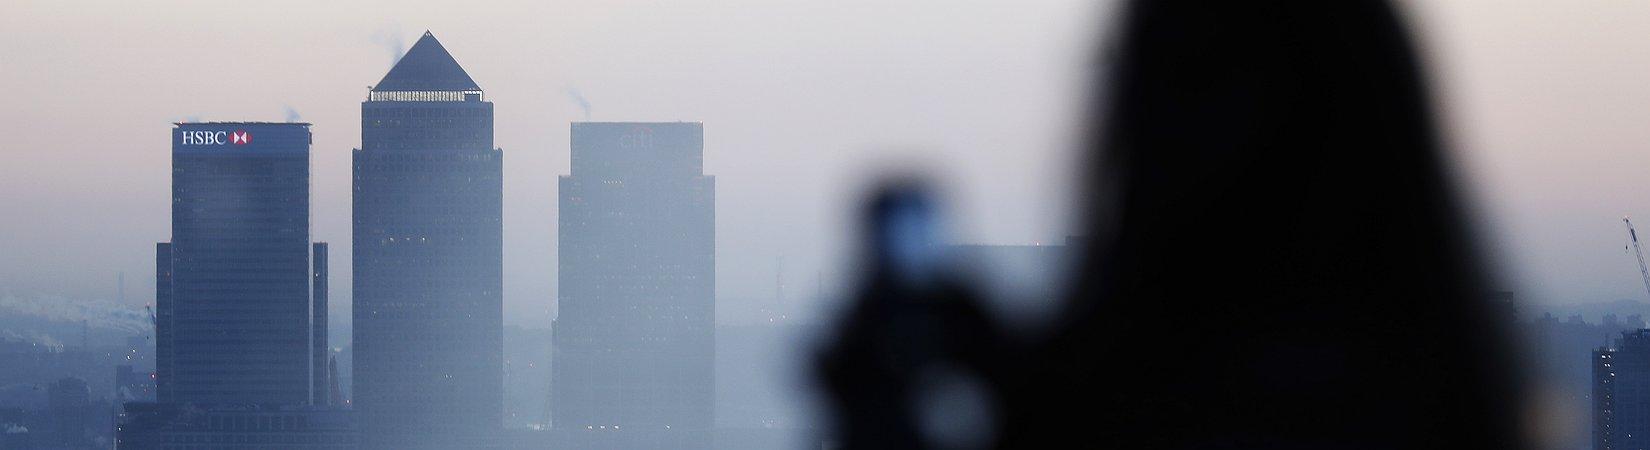 Брюссель против Лондона: Что будет с рынком евроклиринга